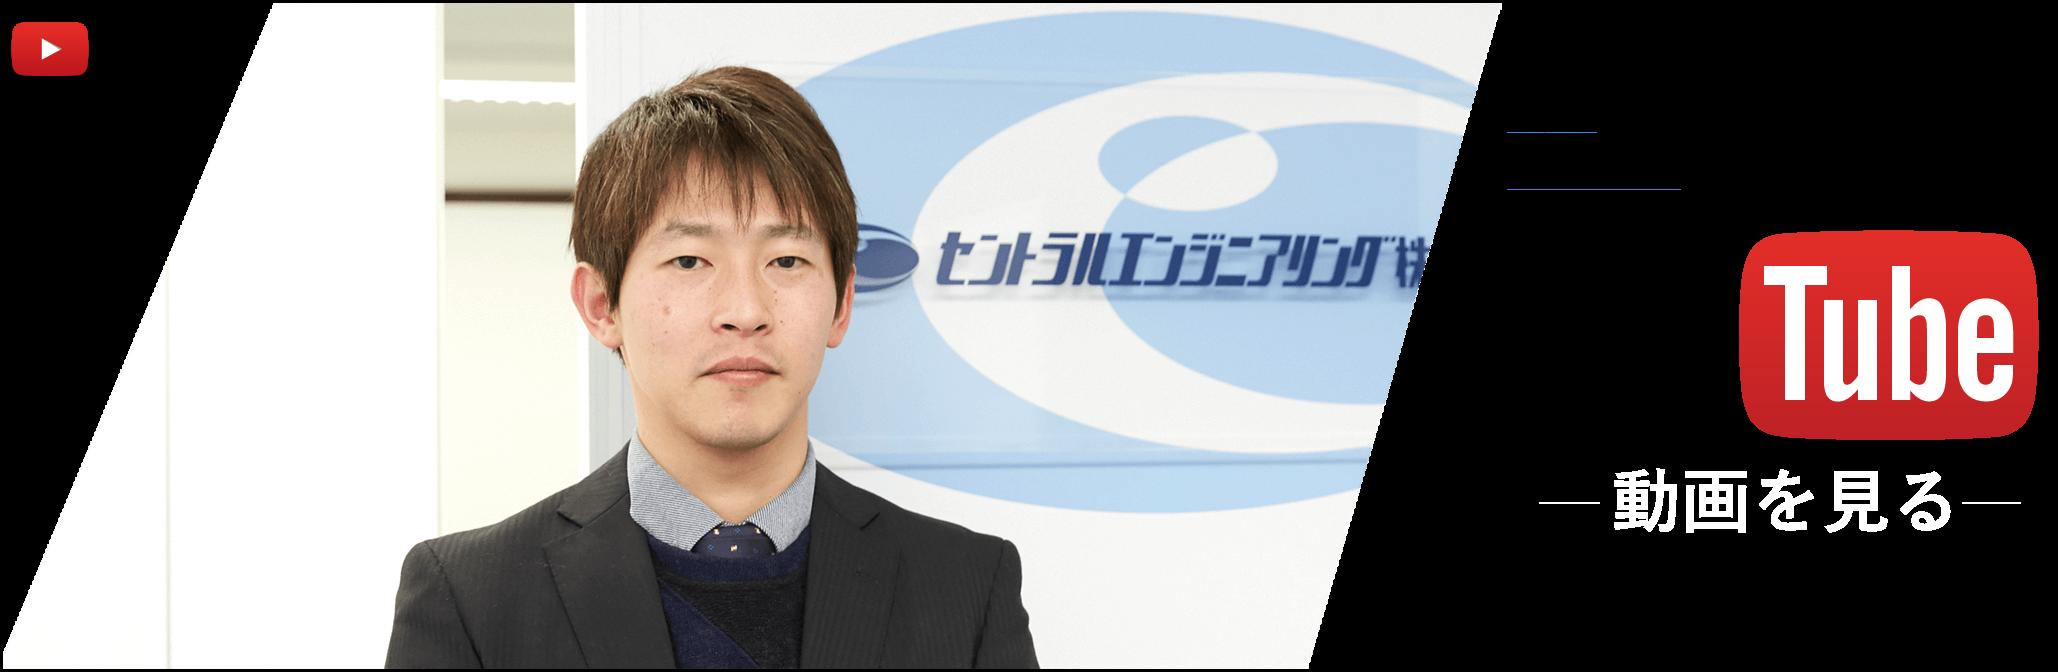 伊藤 亮 37歳    自動車の車両開発を指揮